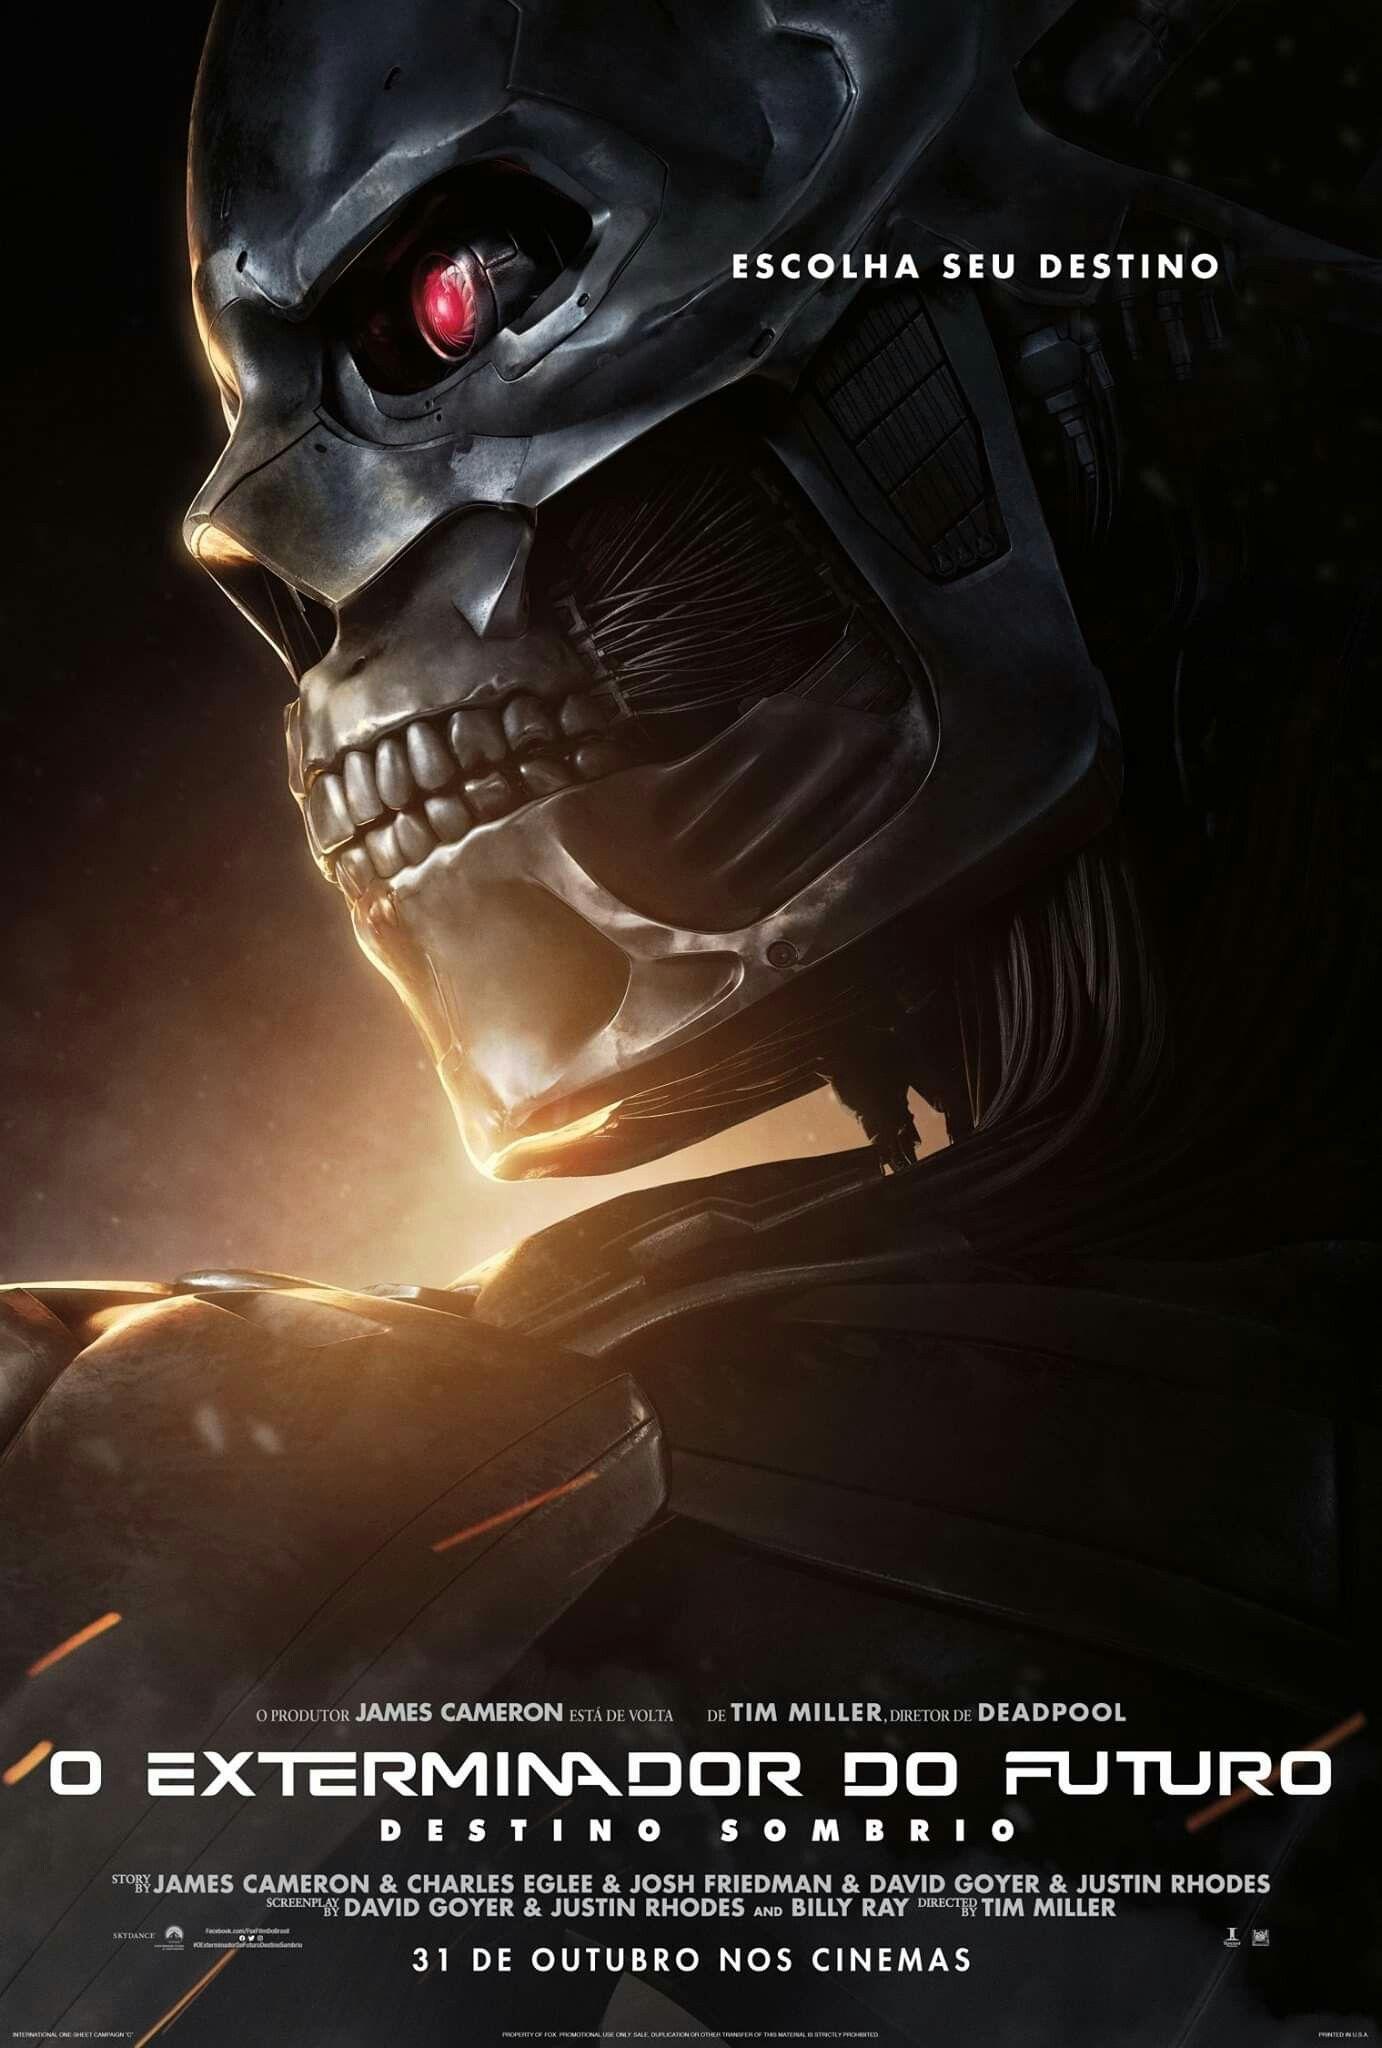 Destino Sombrio Exterminador Do Futuro Filmes Destino